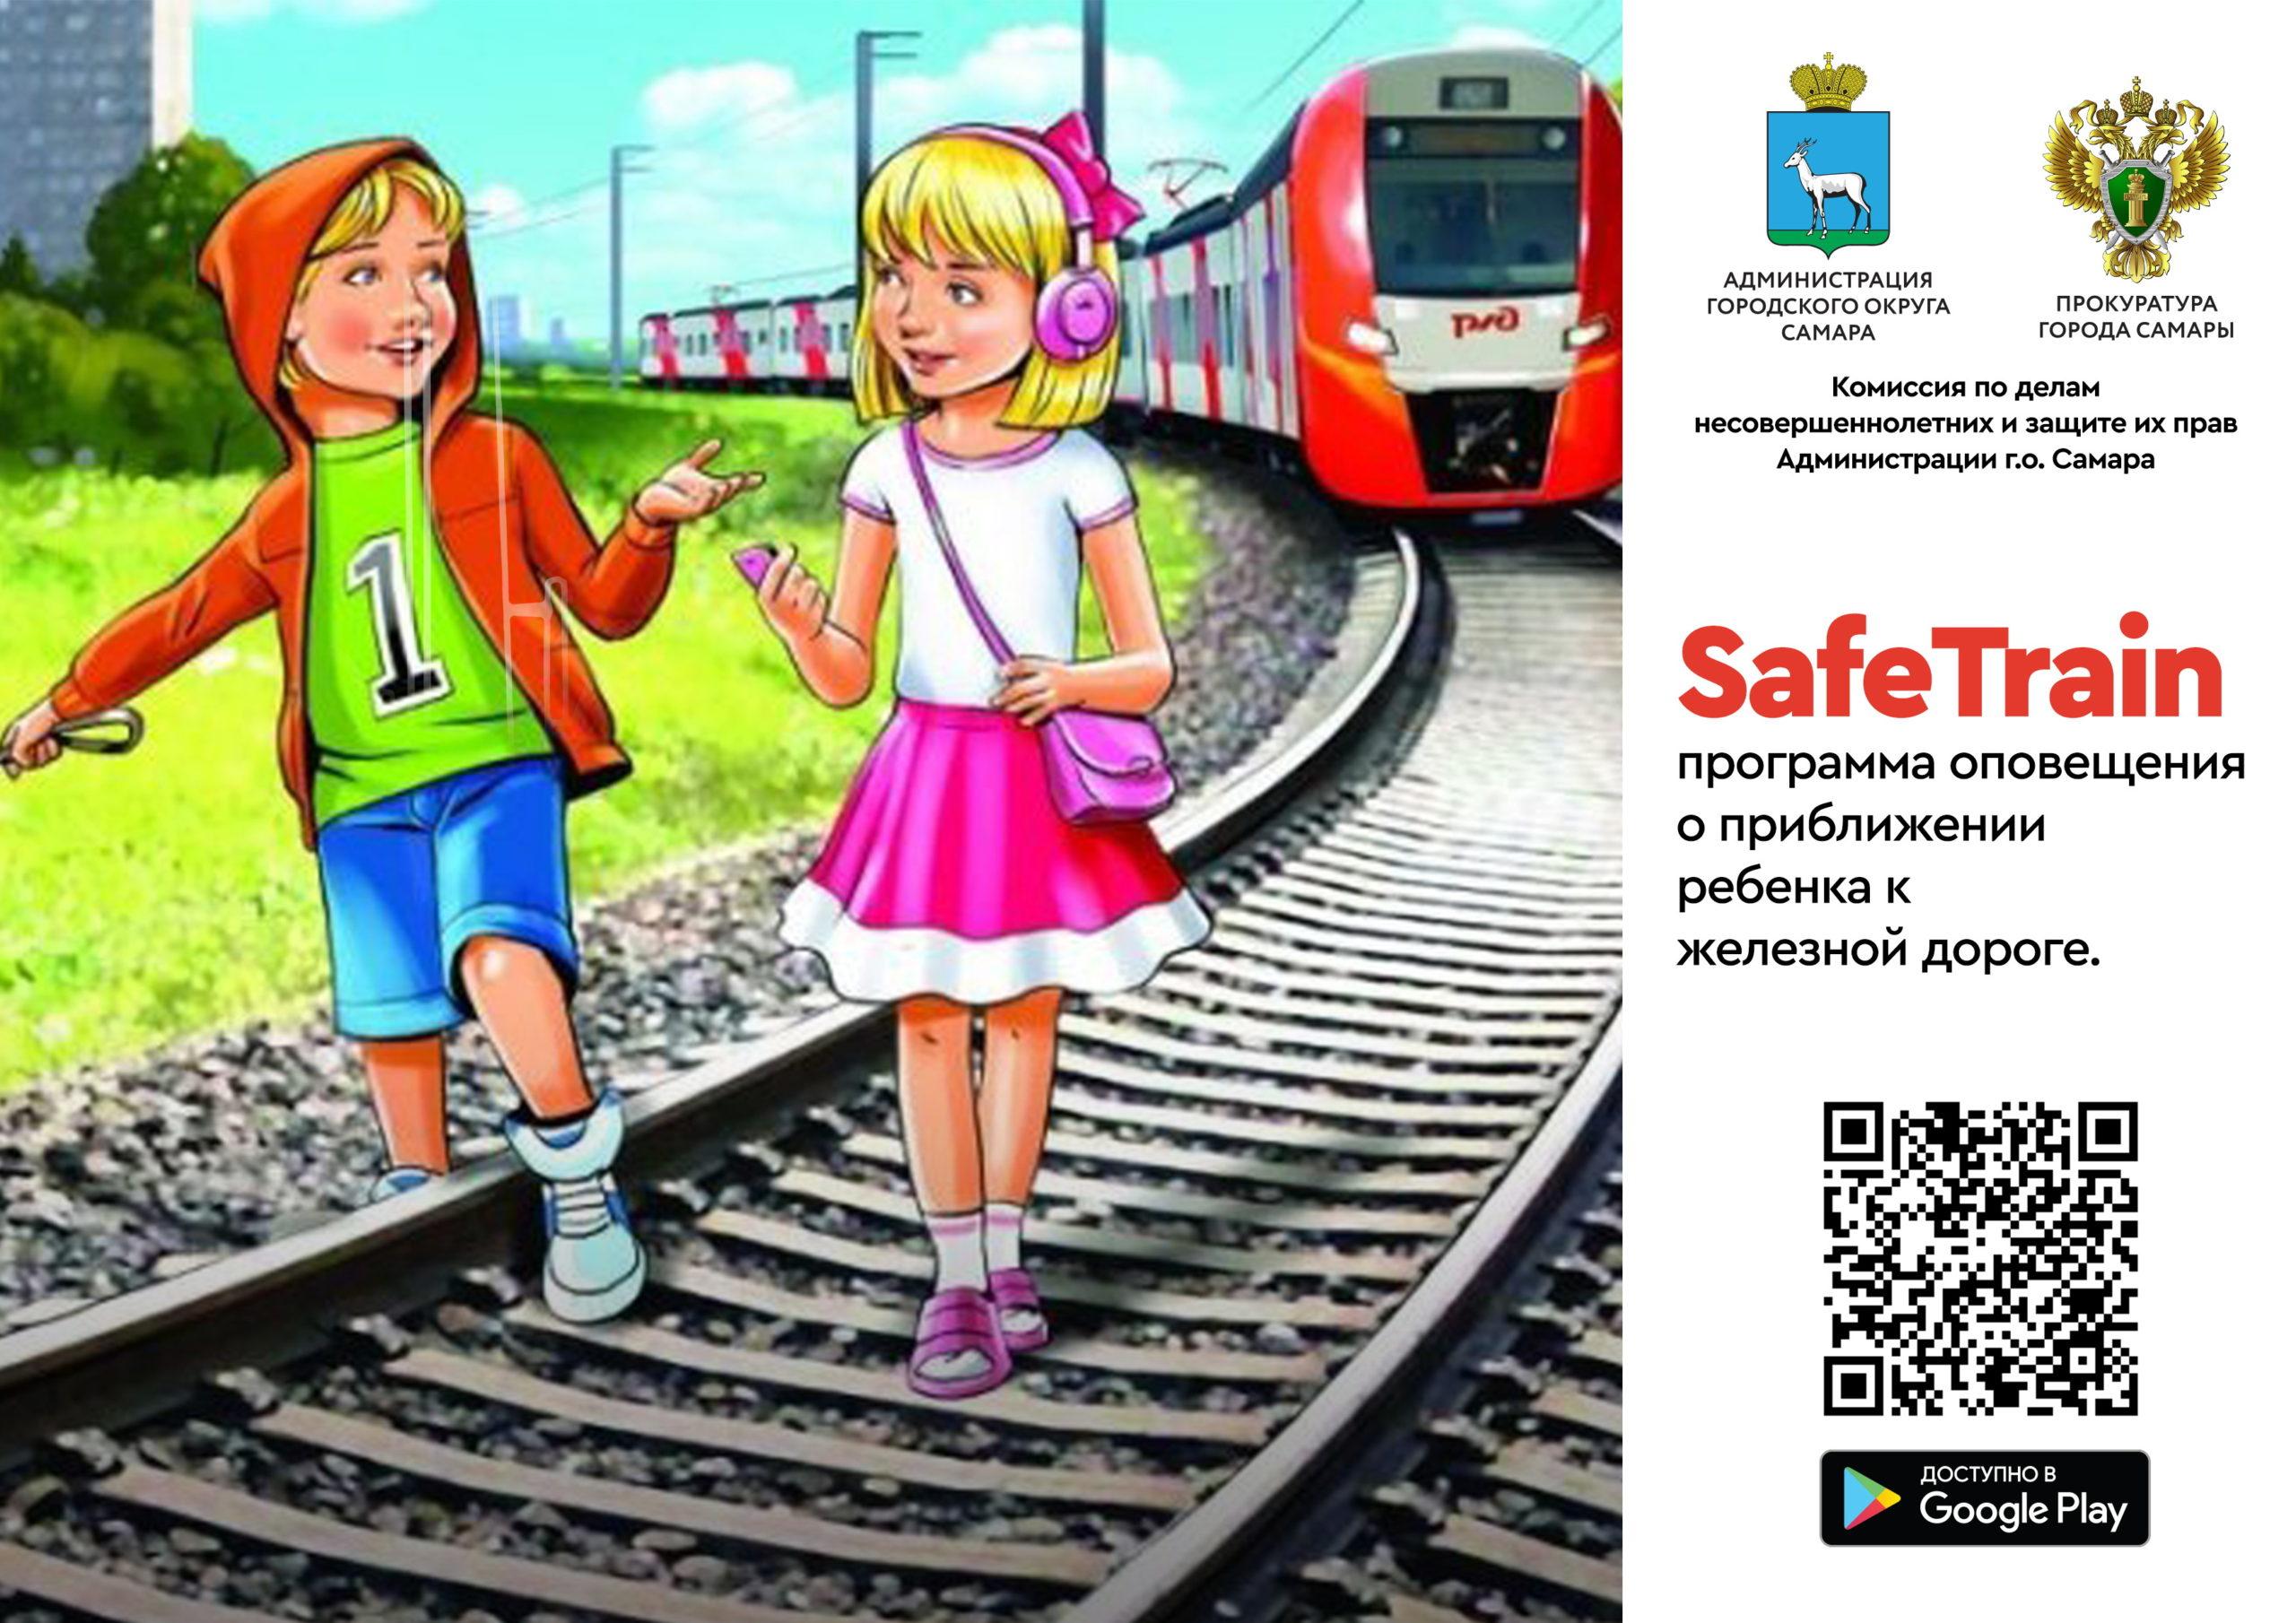 Программа оповещения о приближении ребенка к железной дороге